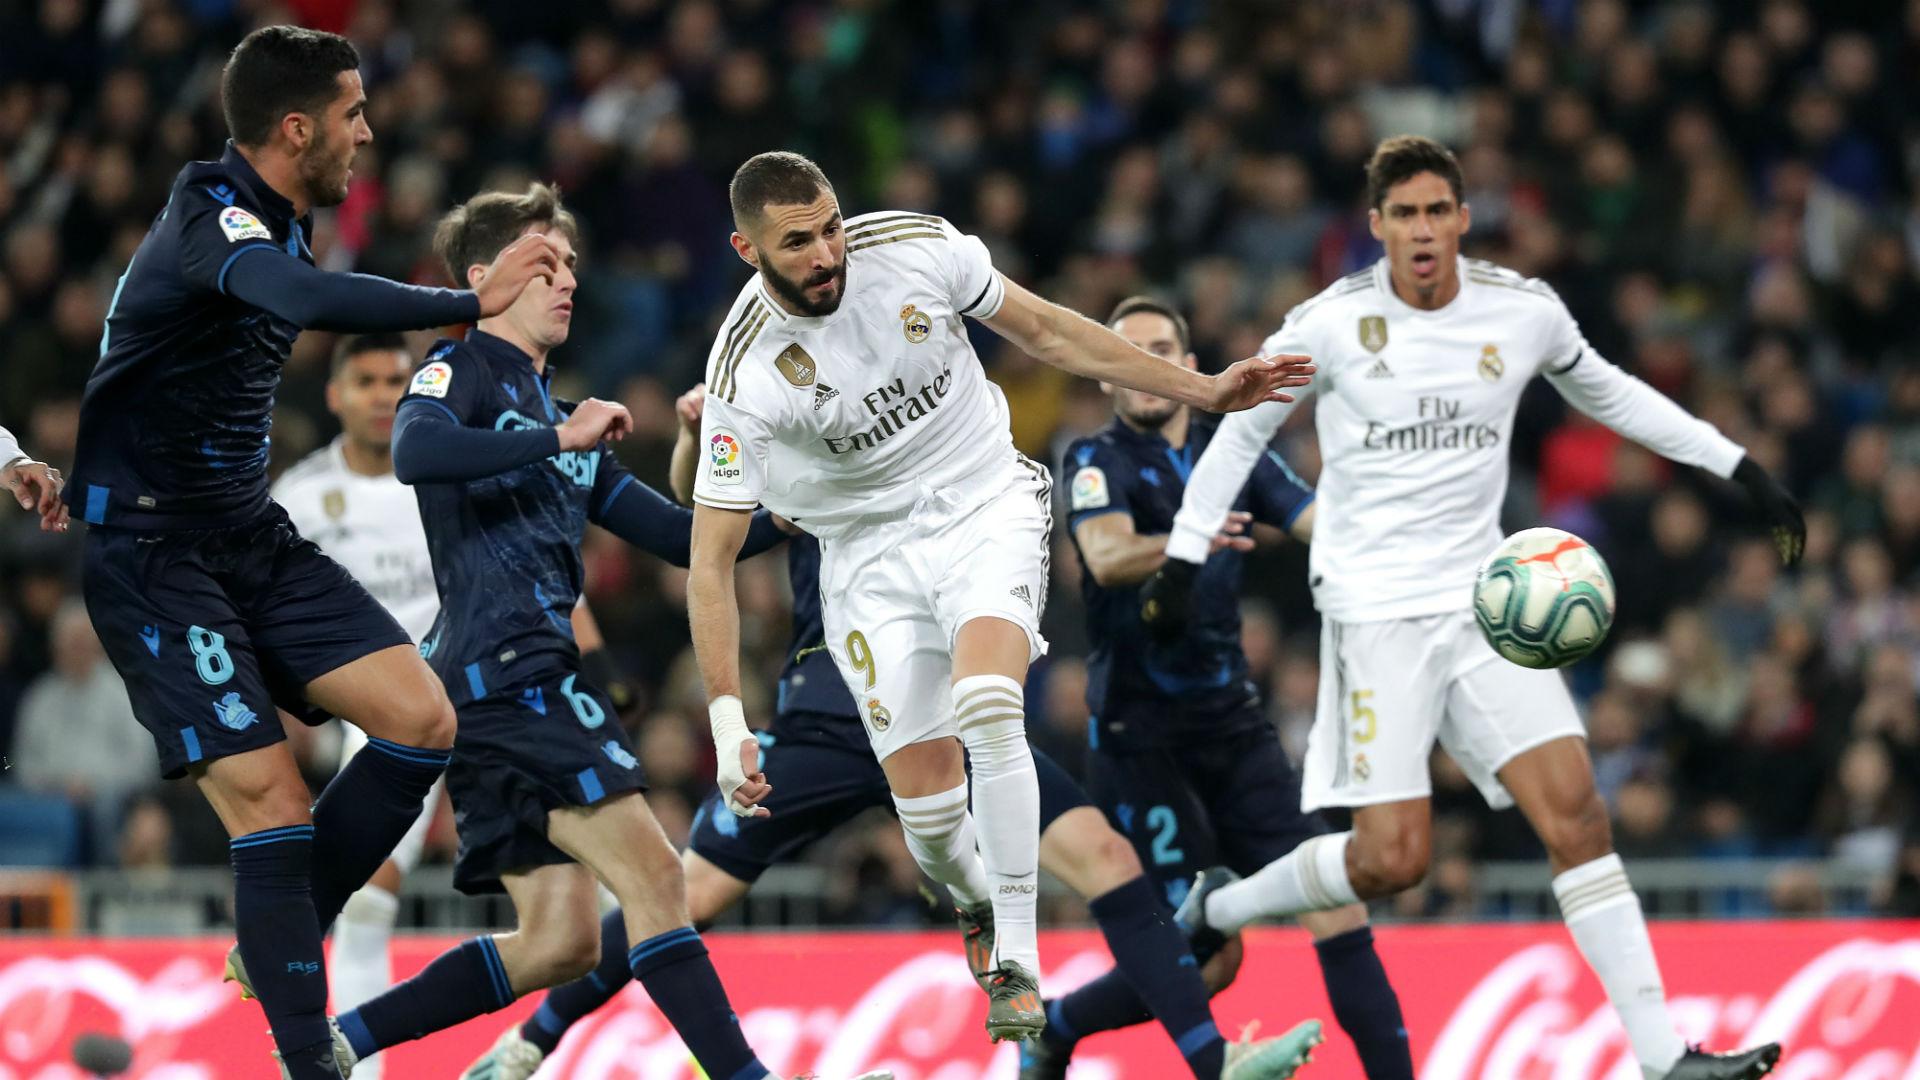 Real Madrid V Real Sociedad Match Report 23 11 2019 Primera